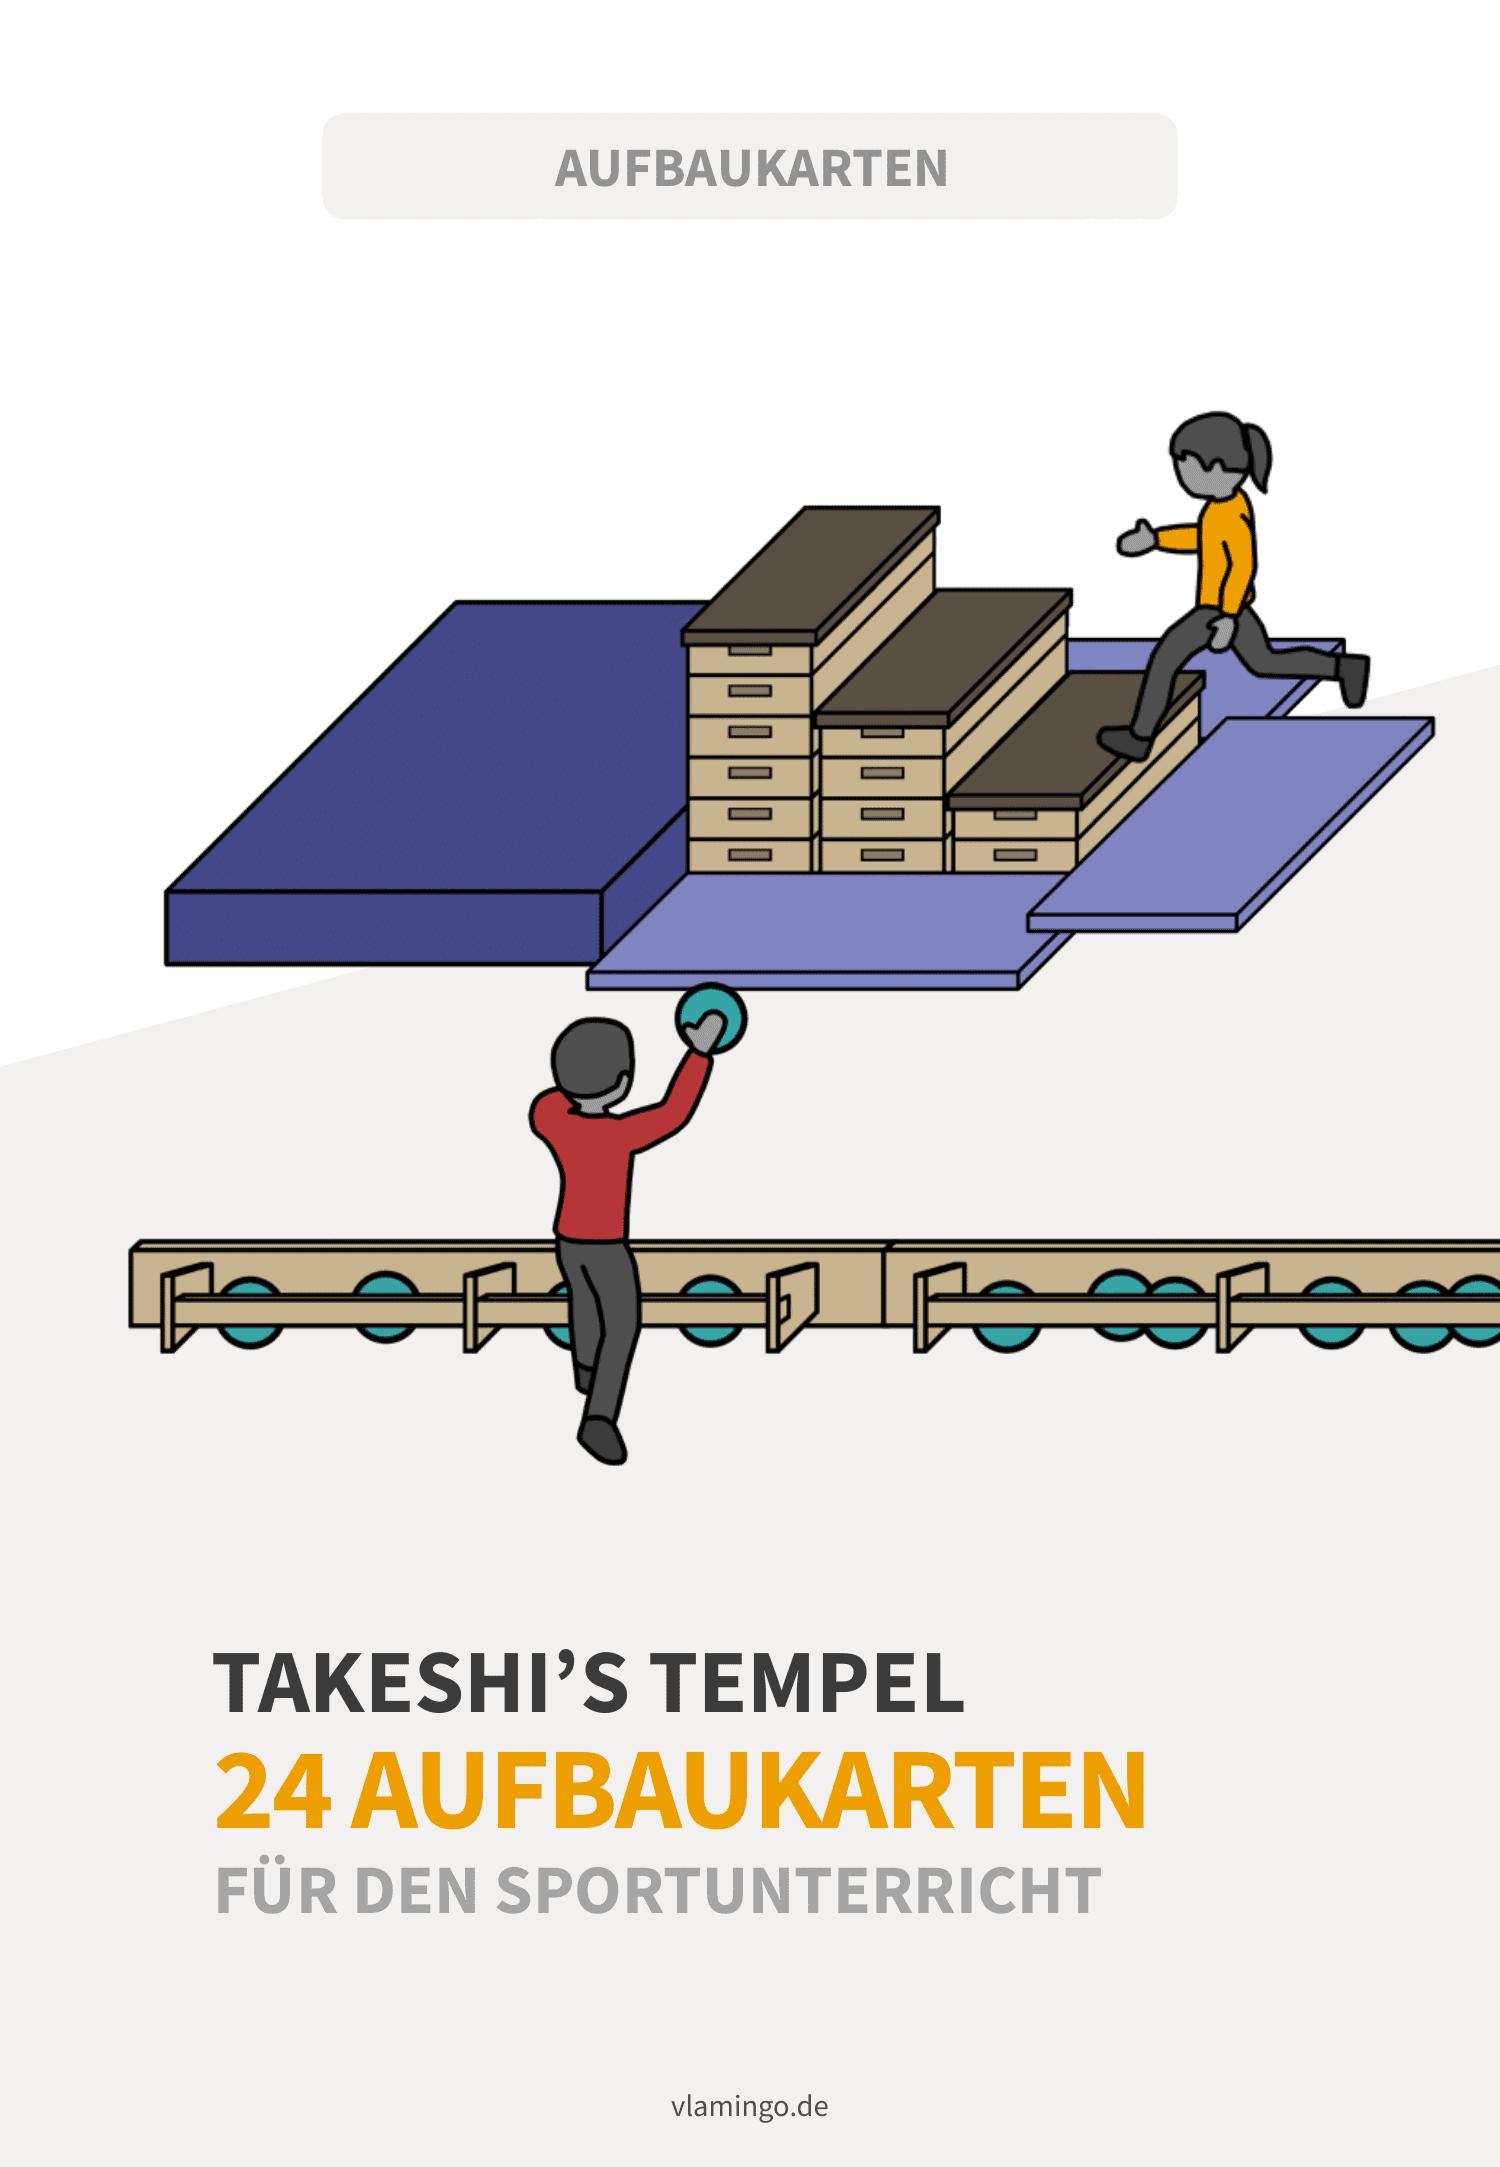 Takeshi's Tempel (Castle) - Aufbaukarten für den Sportunterricht